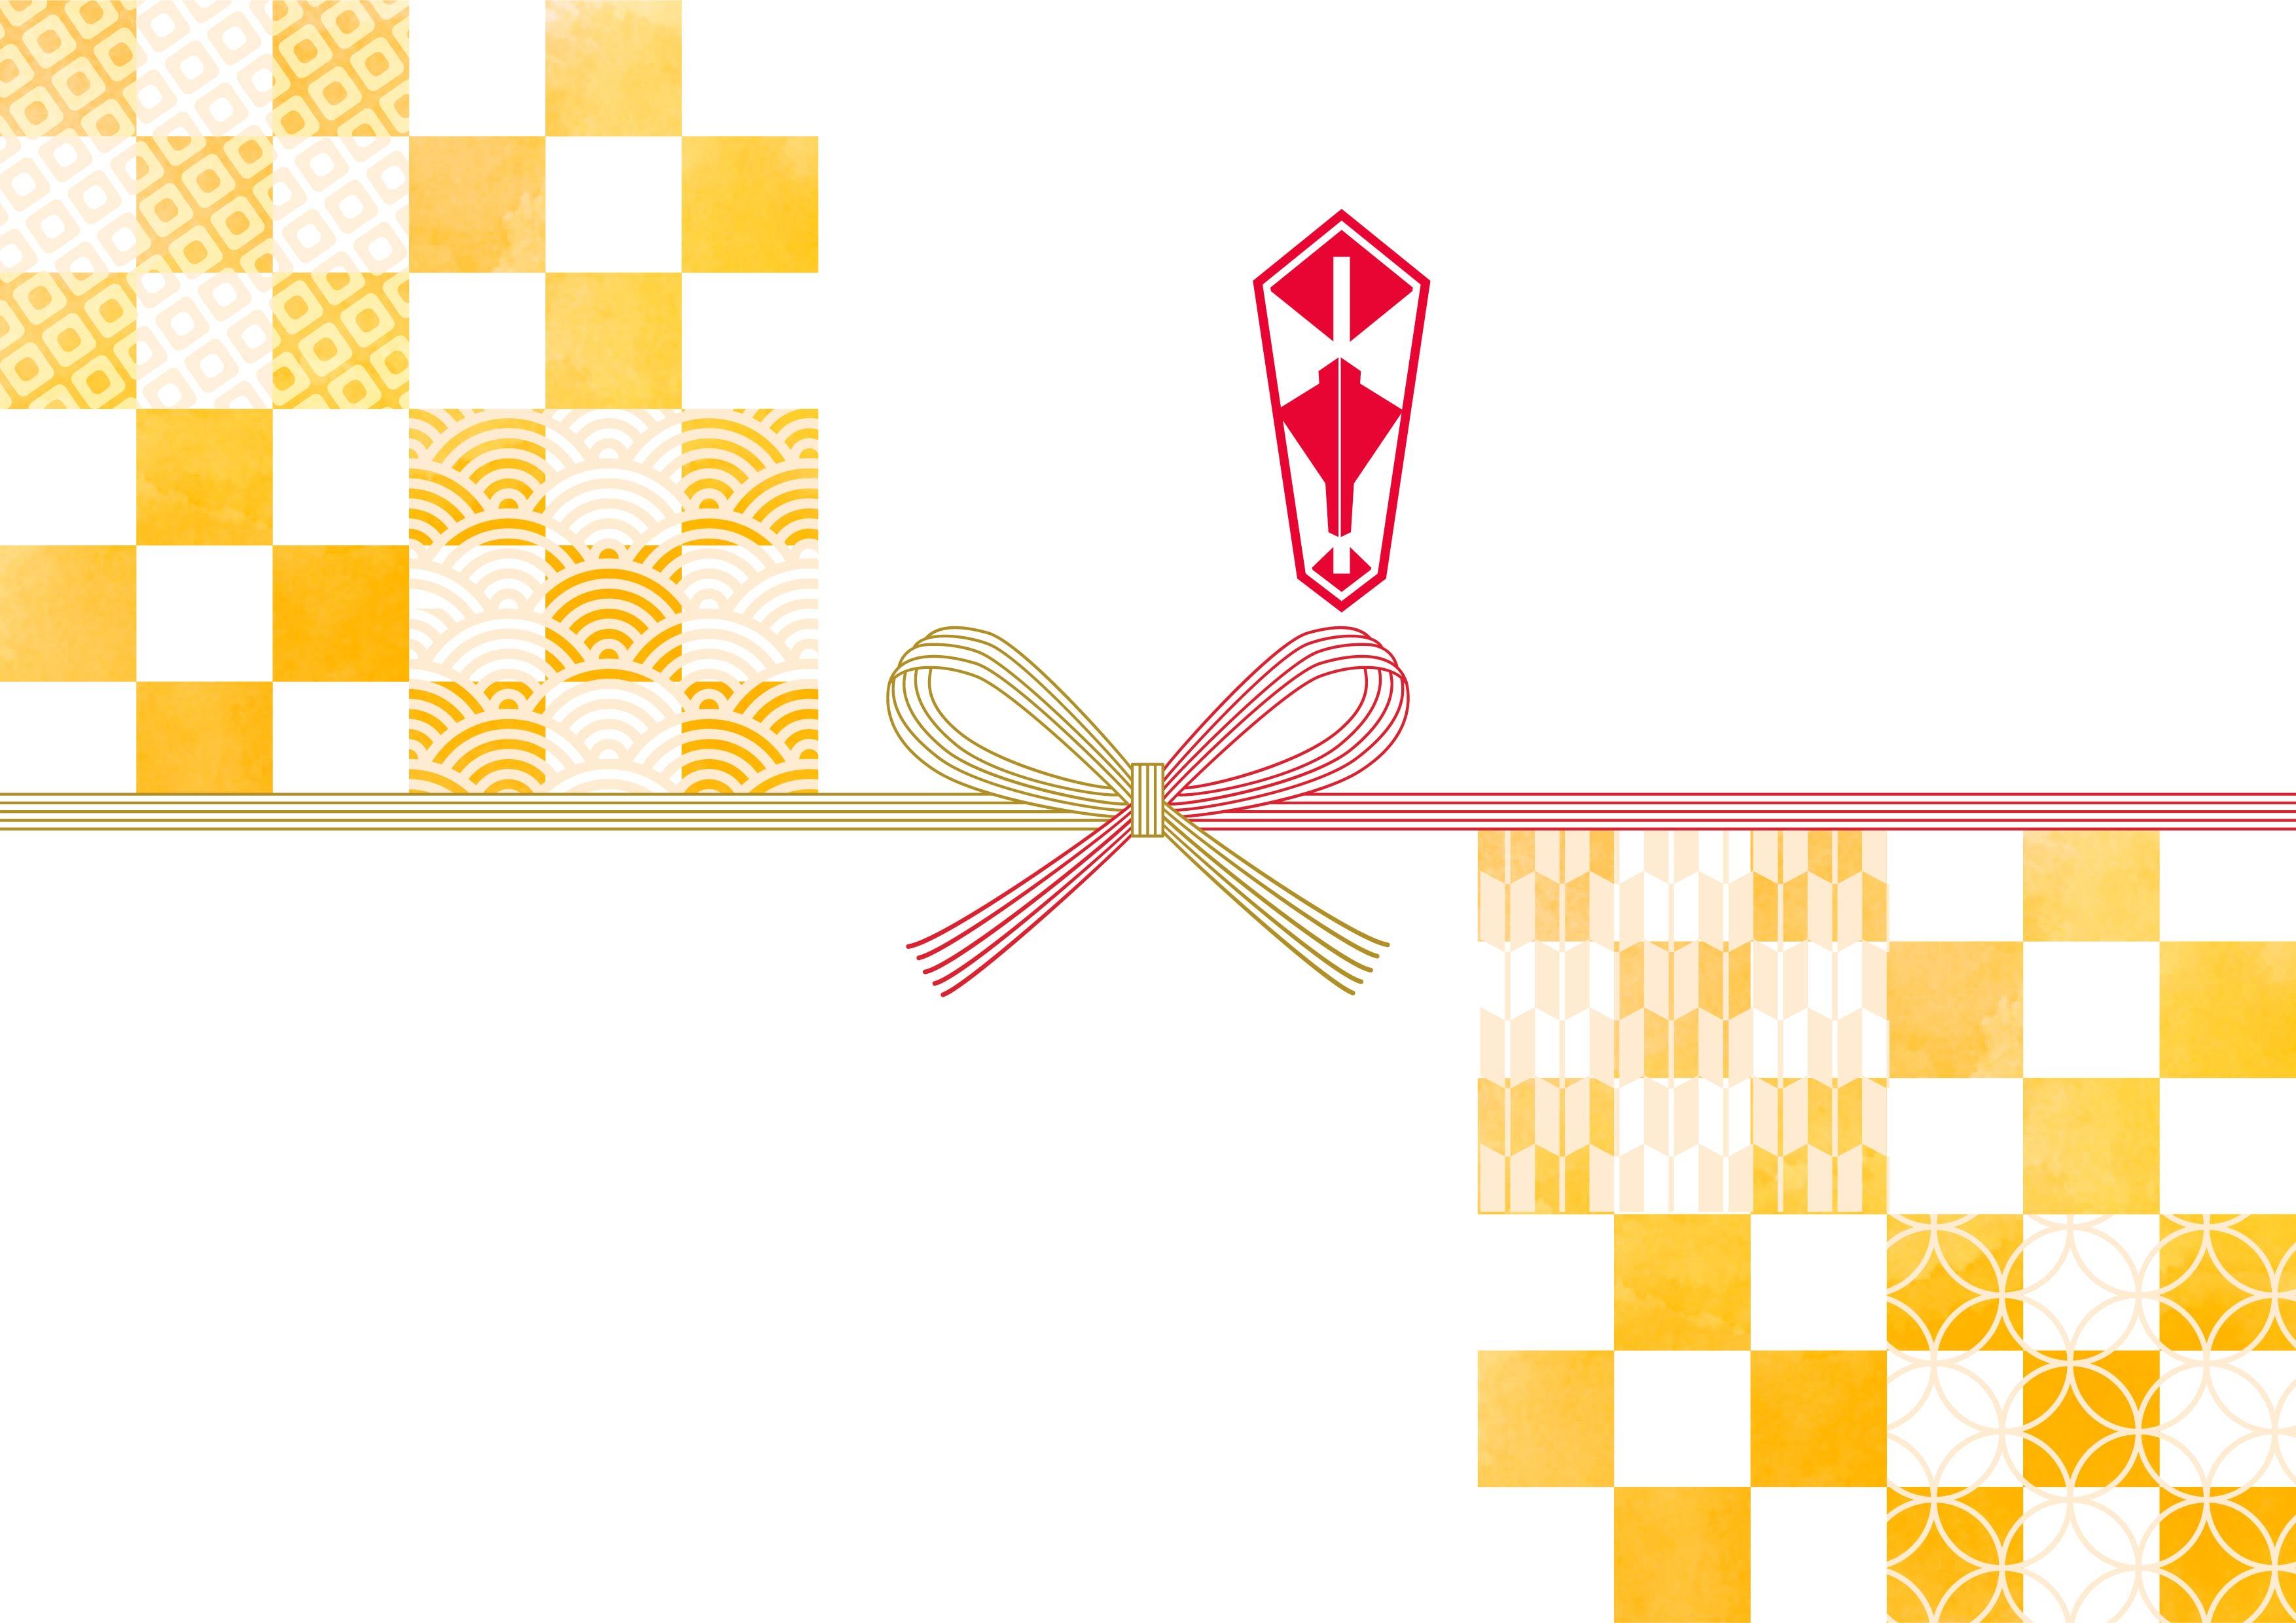 華やかなオレンジ色の「のし紙」無料テンプレート素材